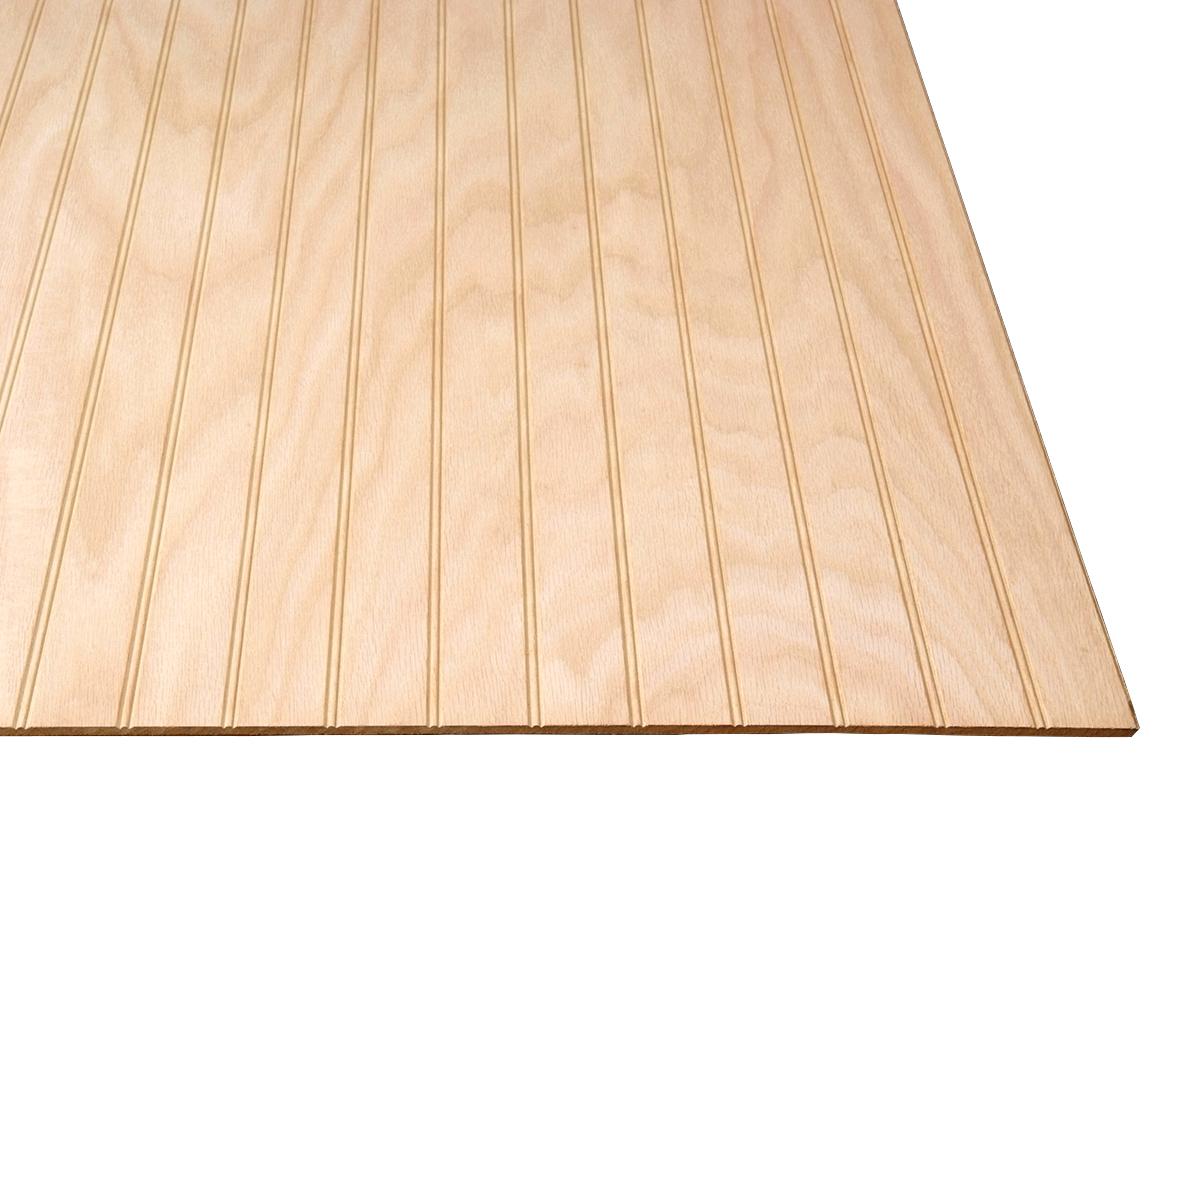 1 4 Red Oak Bead Board